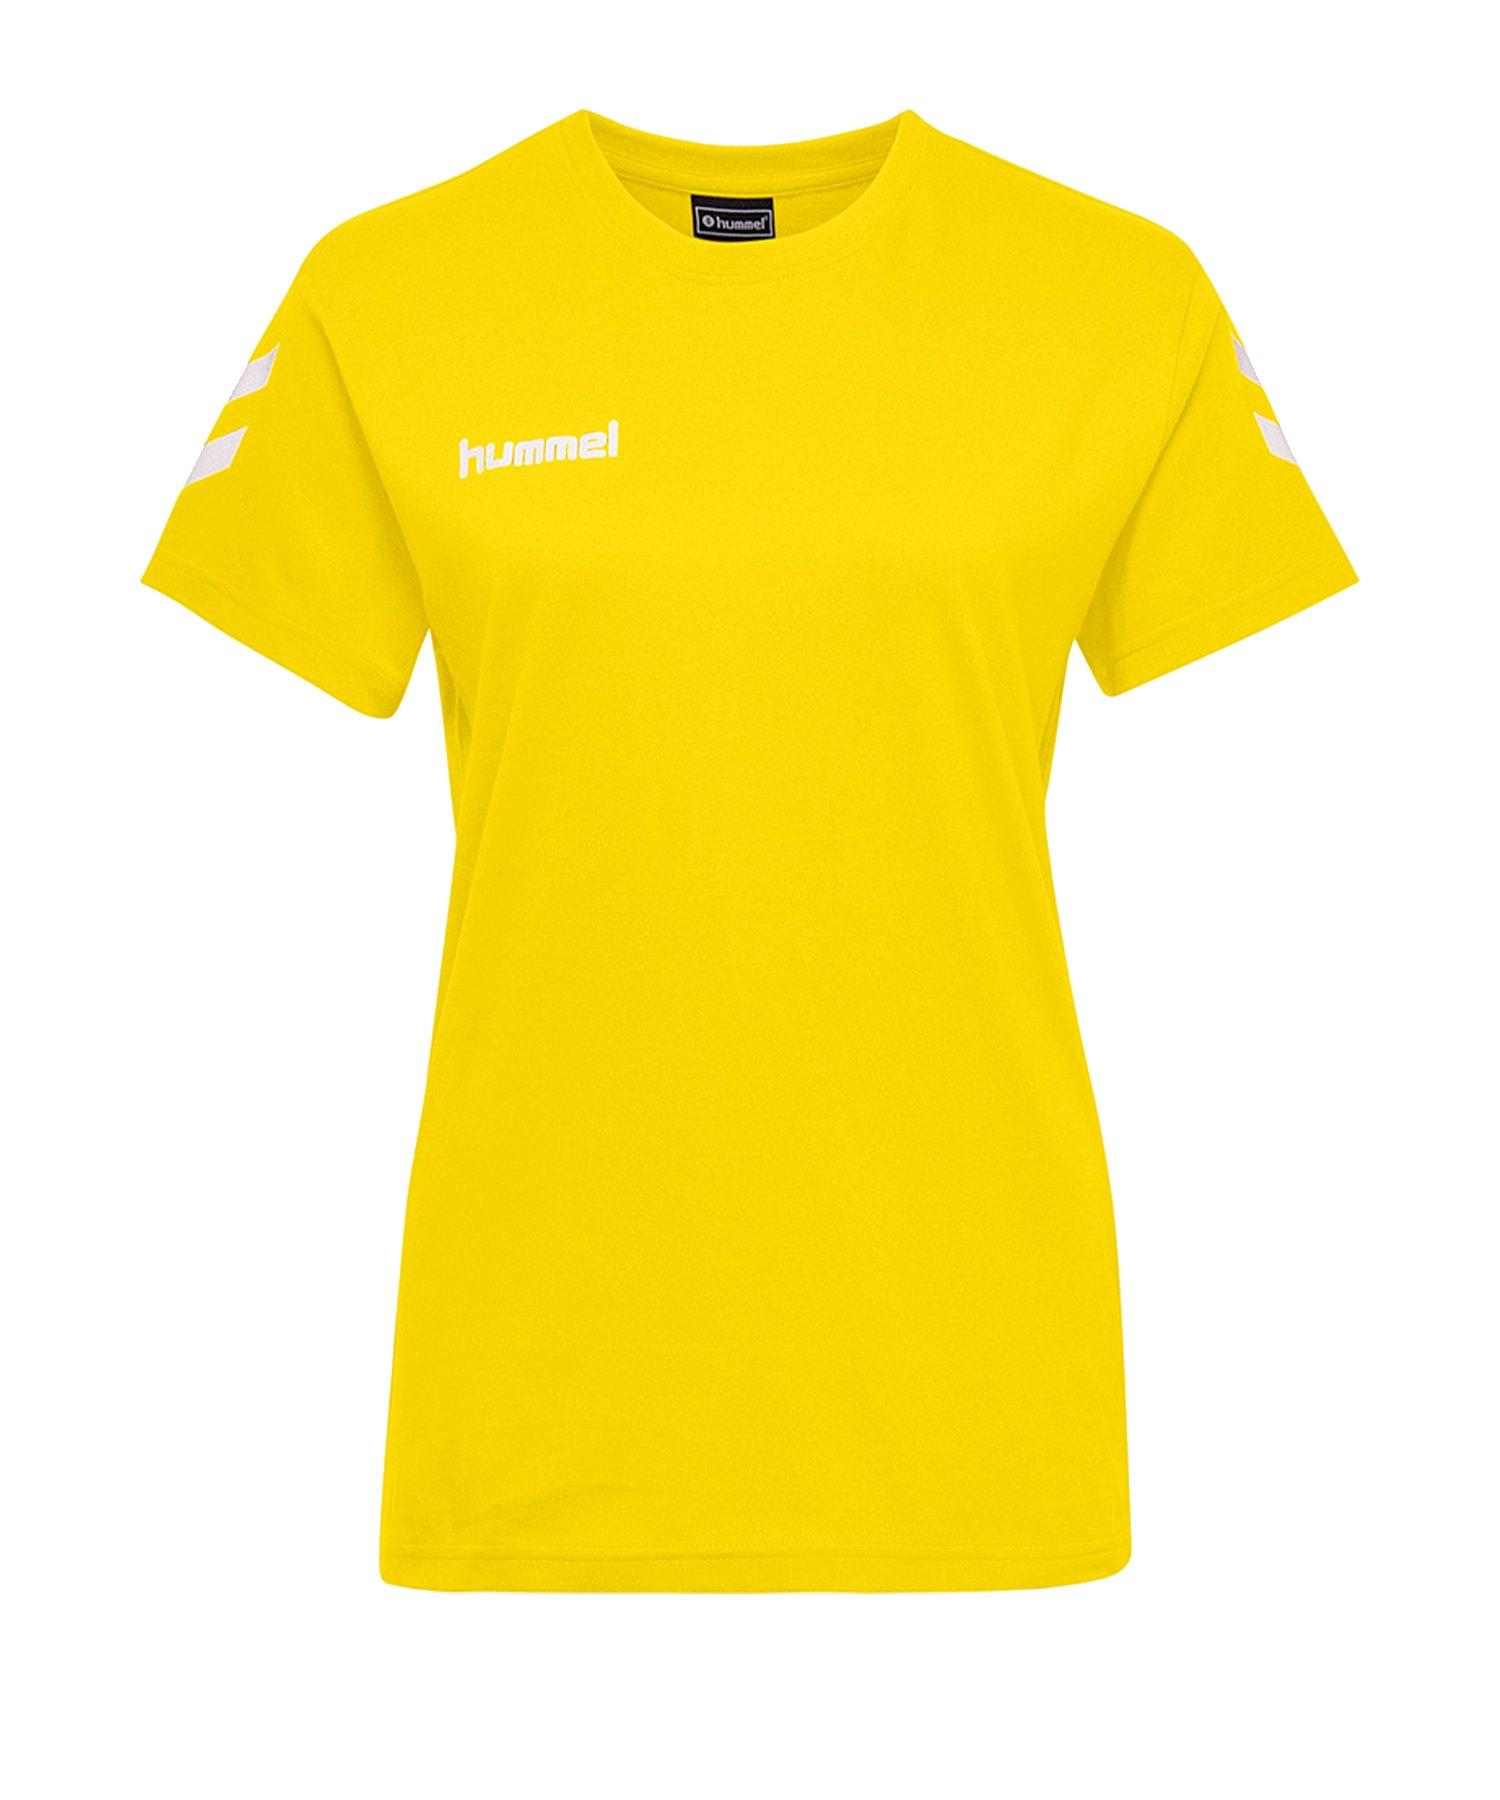 Hummel Cotton T-Shirt Damen Gelb F5001 - Gelb